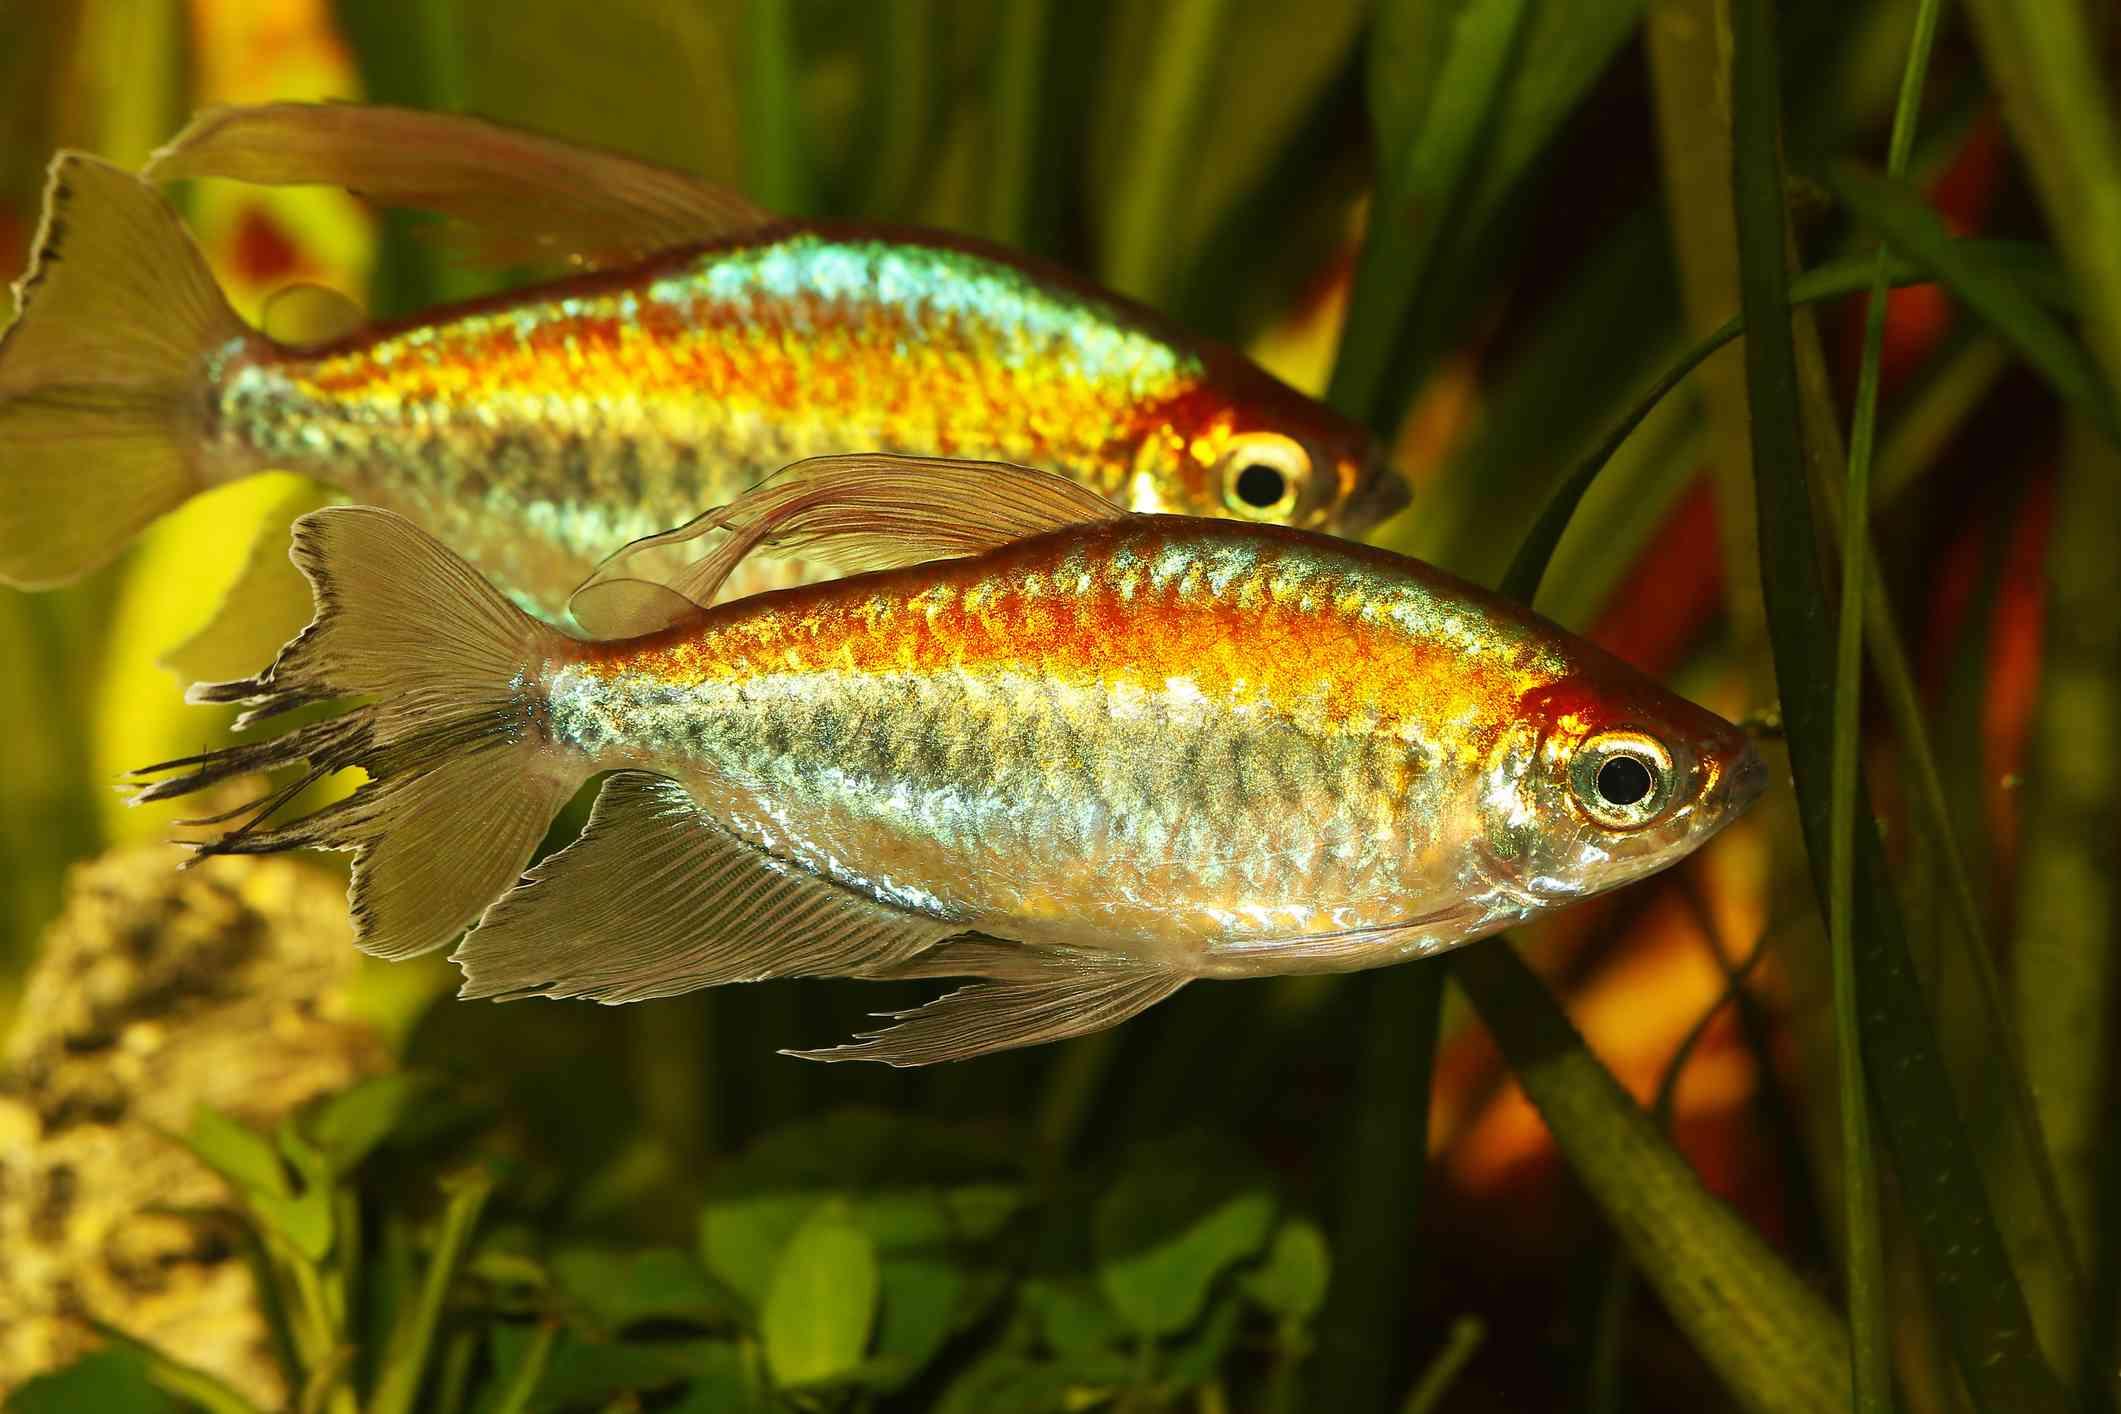 Two Congo Tetra